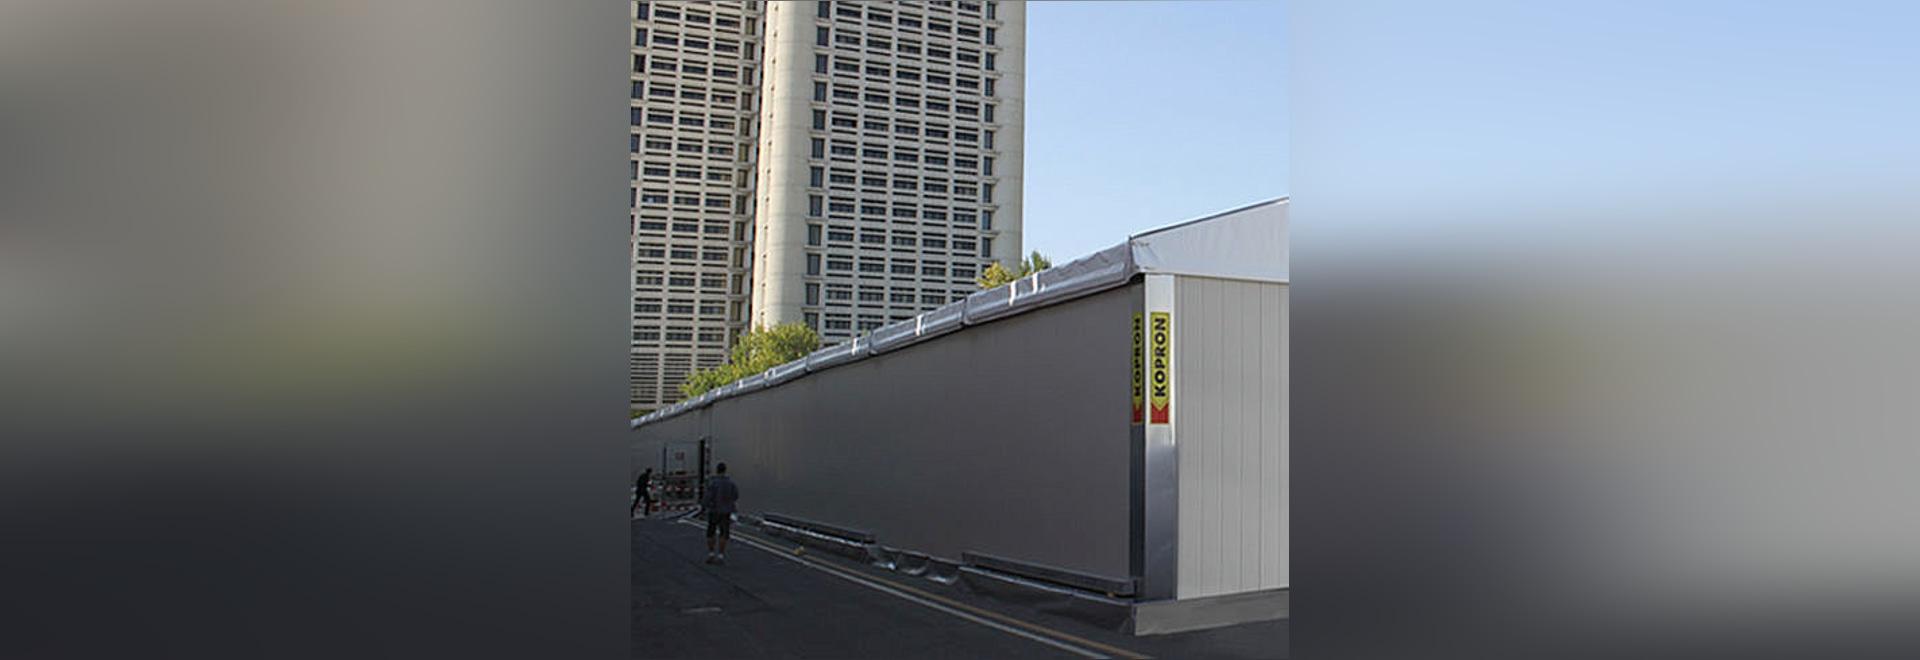 SANA und CERSAIE, zwei wichtige Ereignisse bewirtet unter einem 3000-Quadratmeter-modularen Zelt hergestellt von Kopron